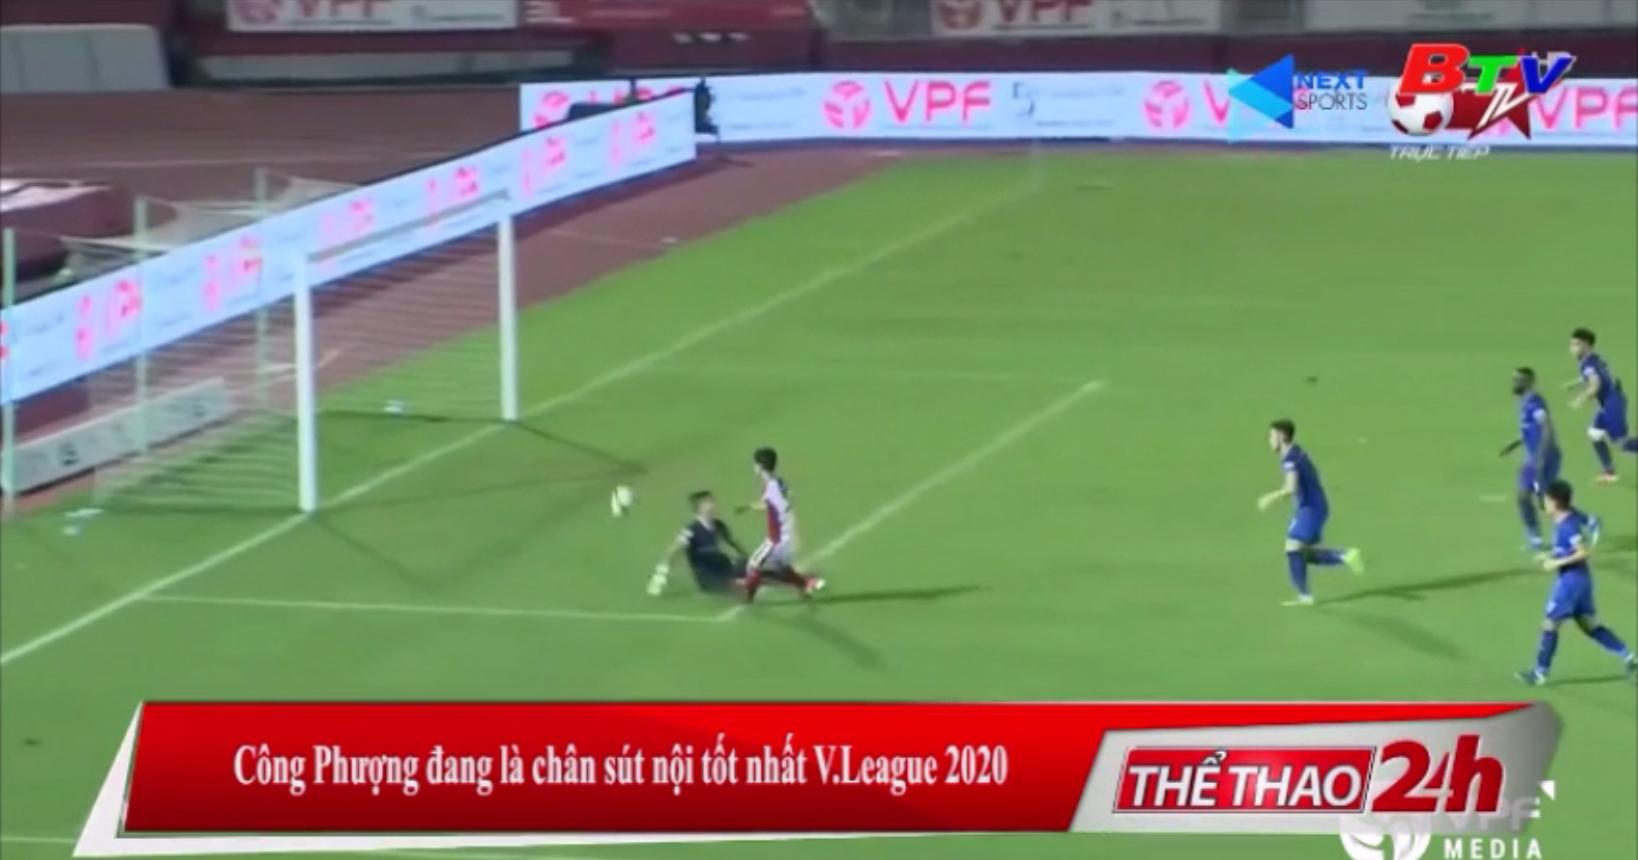 Công Phượng đang là chân sút nội tốt nhất V-League 2020